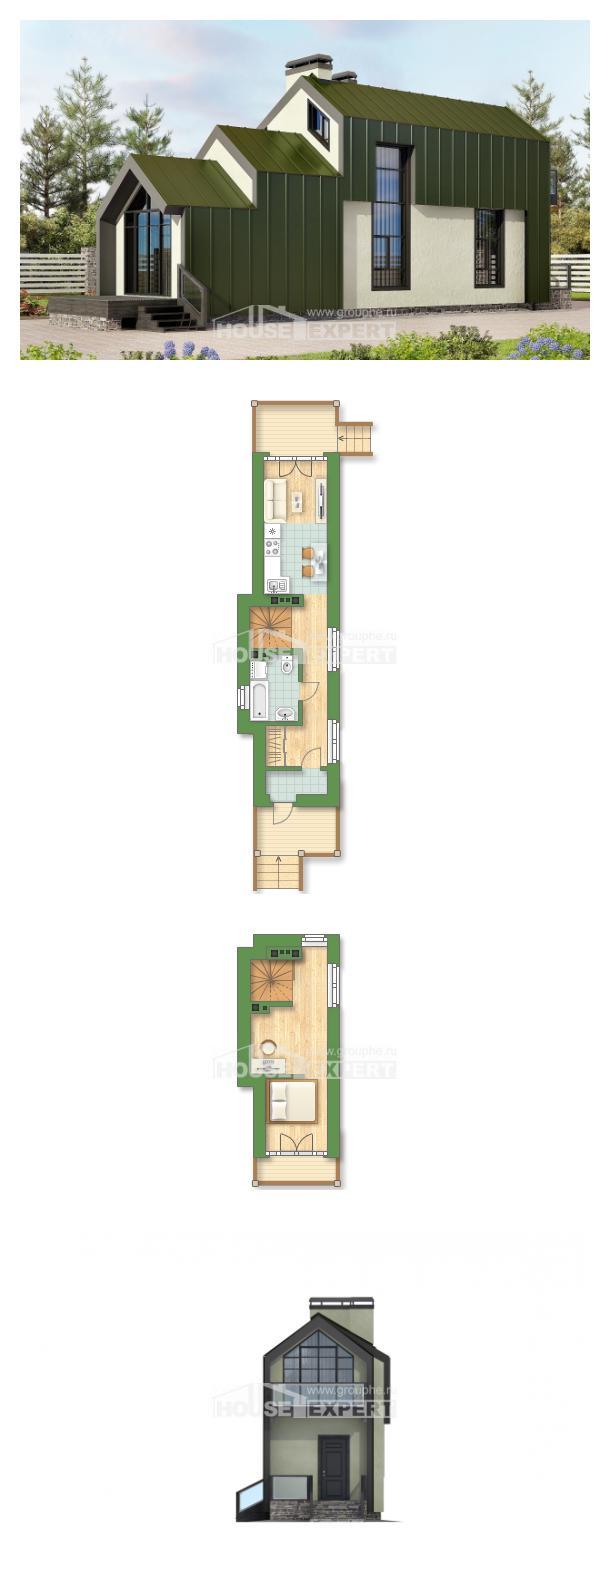 Plan 060-006-L   House Expert